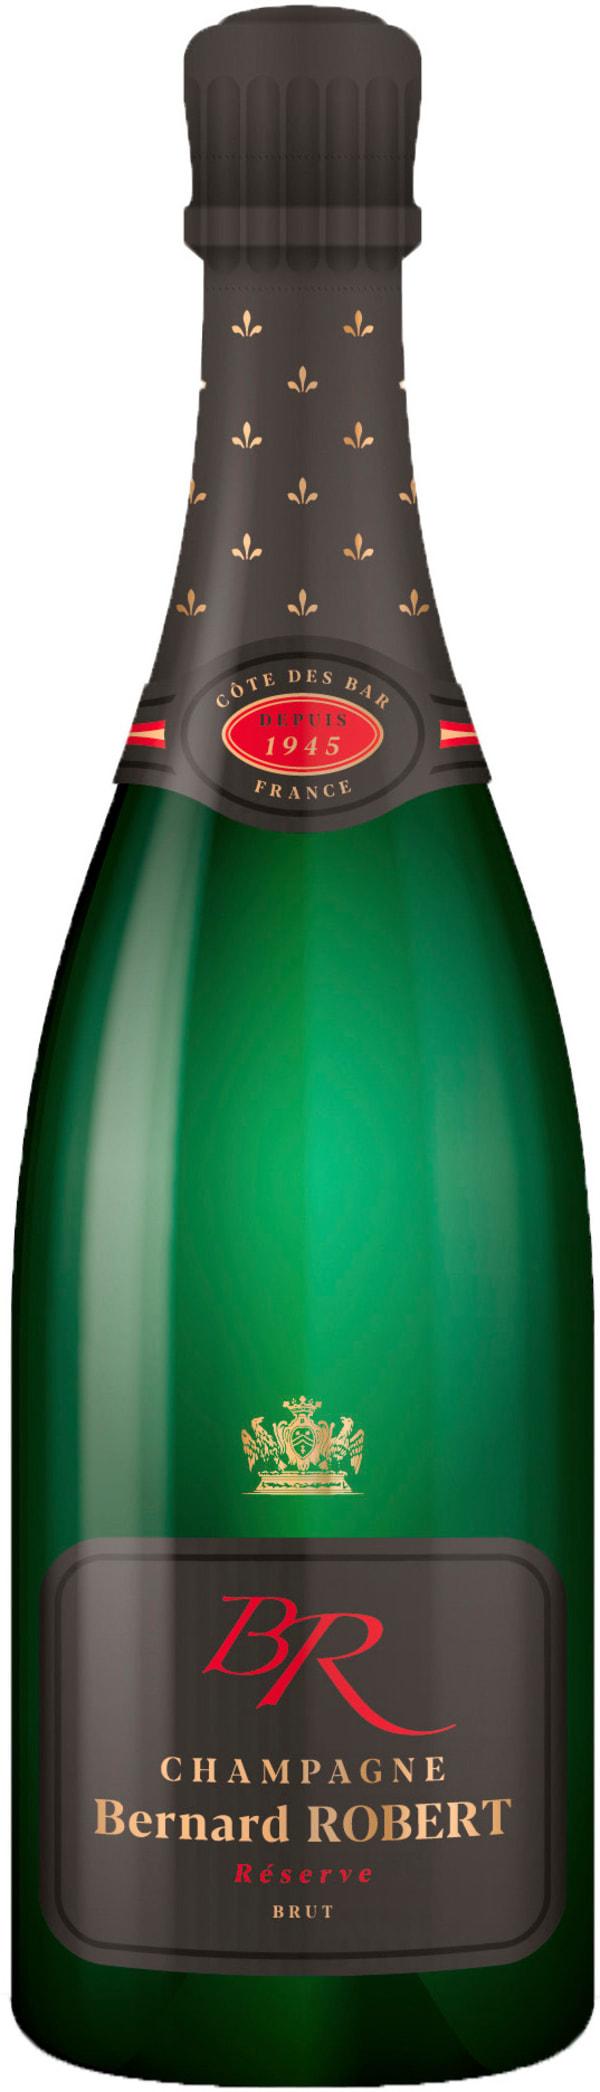 Bernard Robert Réserve Champagne Brut